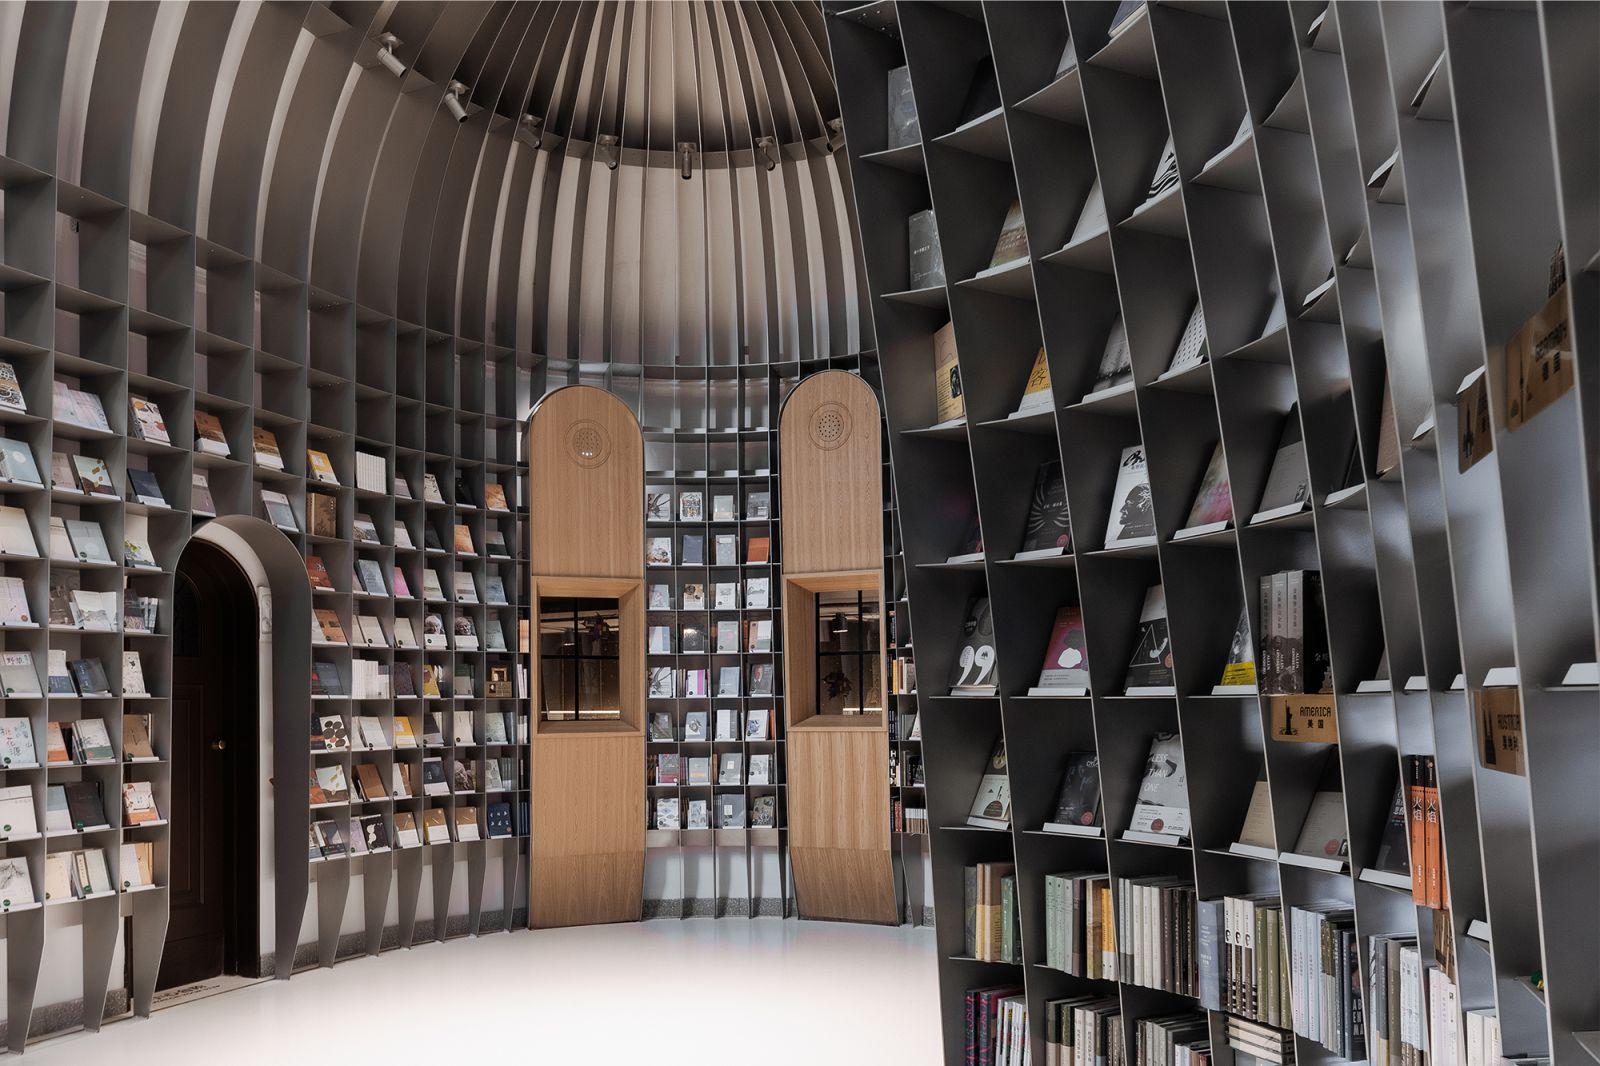 Sinan Books